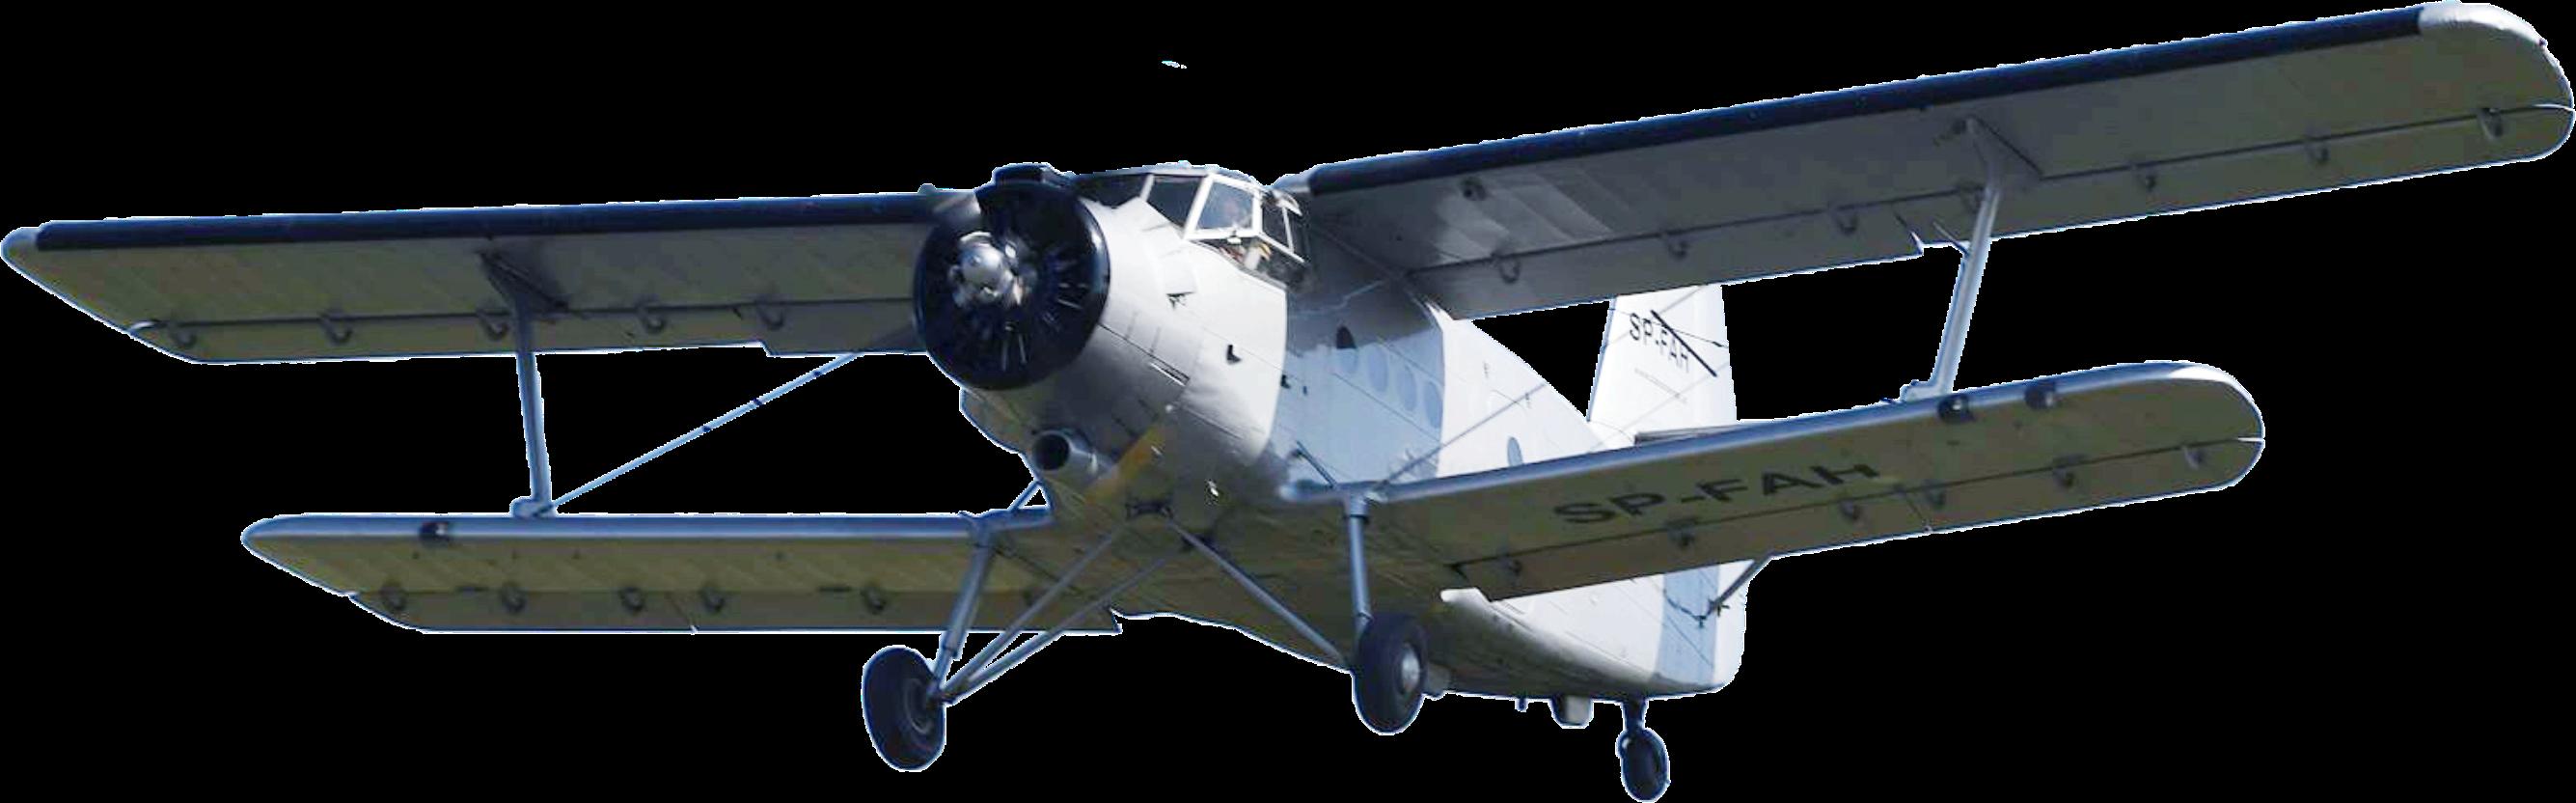 Unsere Antonov2 im Landeanflug als Hintergrundbild